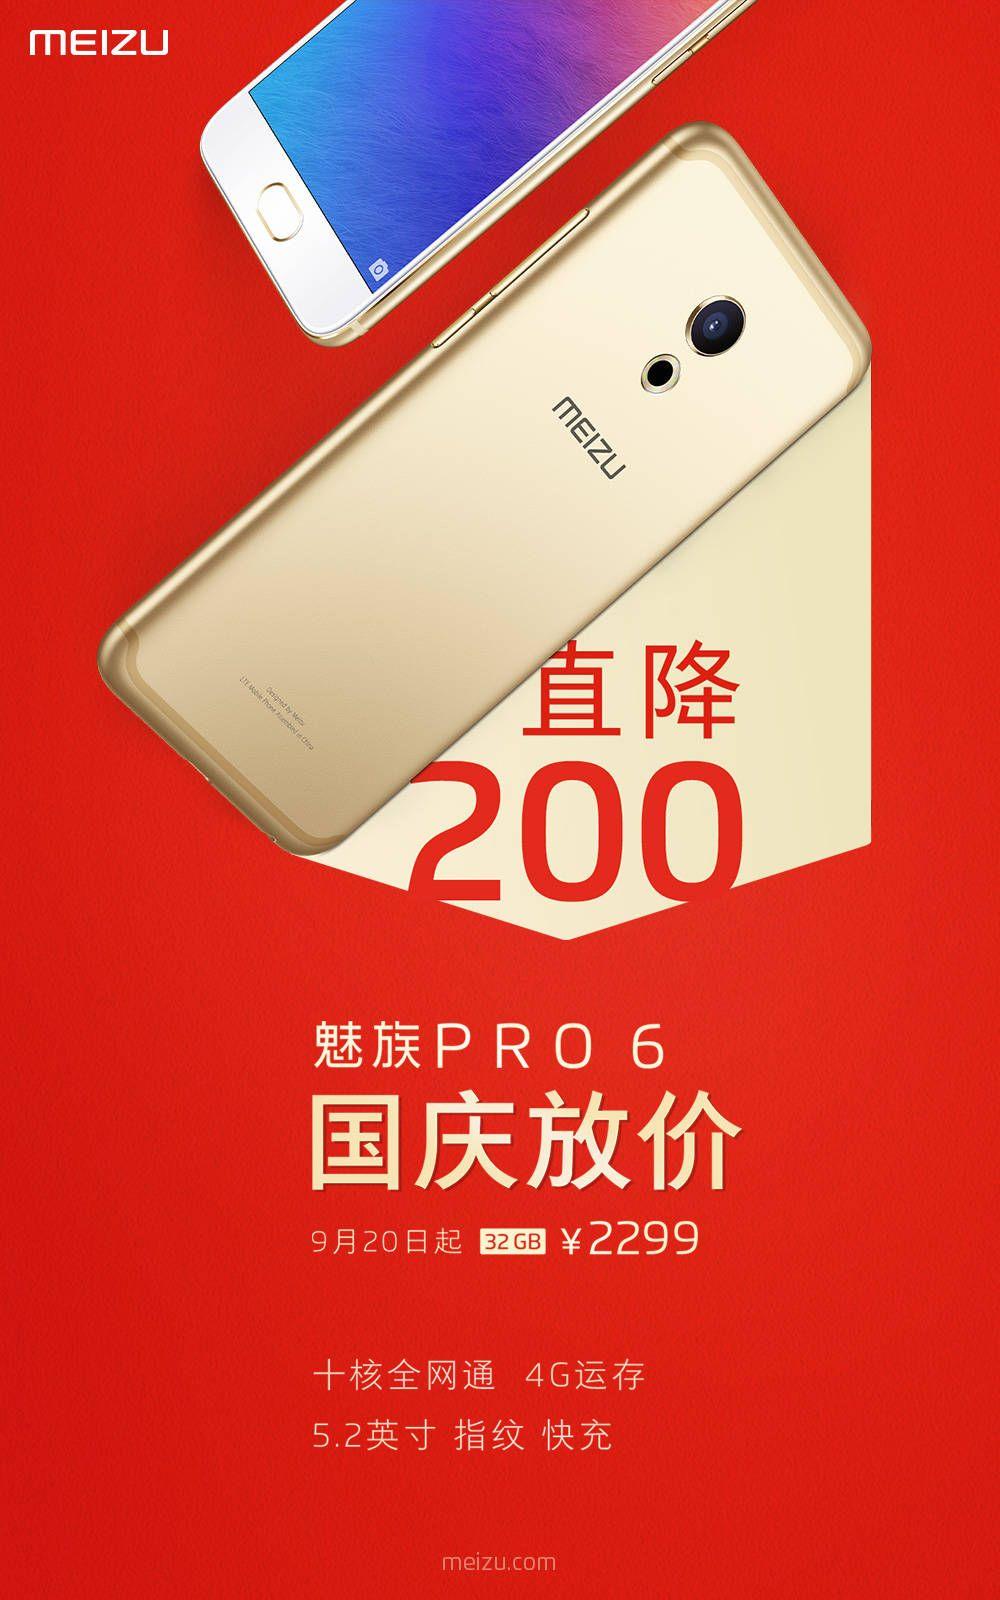 Meizu Pro 6を9月20日より200元値下げして、2299元にて販売